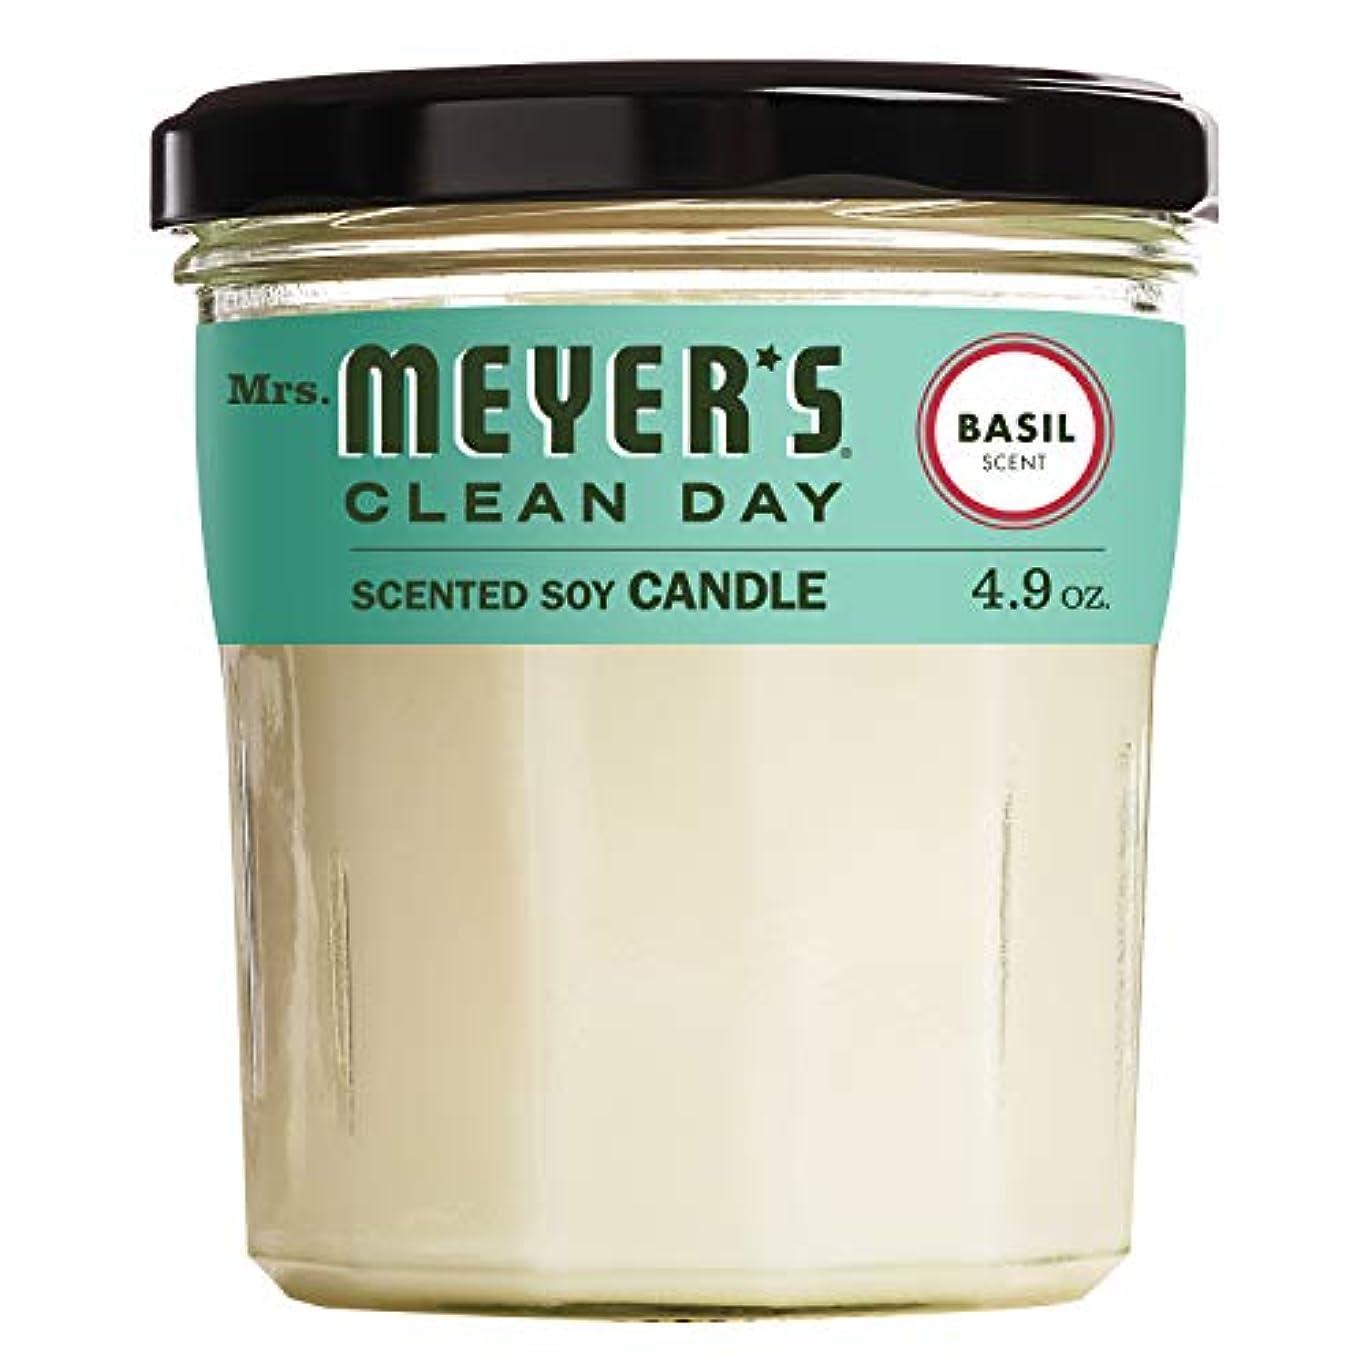 竜巻涙が出るベジタリアンMRS MEYERS Clean Day Scented Soy Candle Basil, Small, 4.9 Ounce by Mrs. Meyers